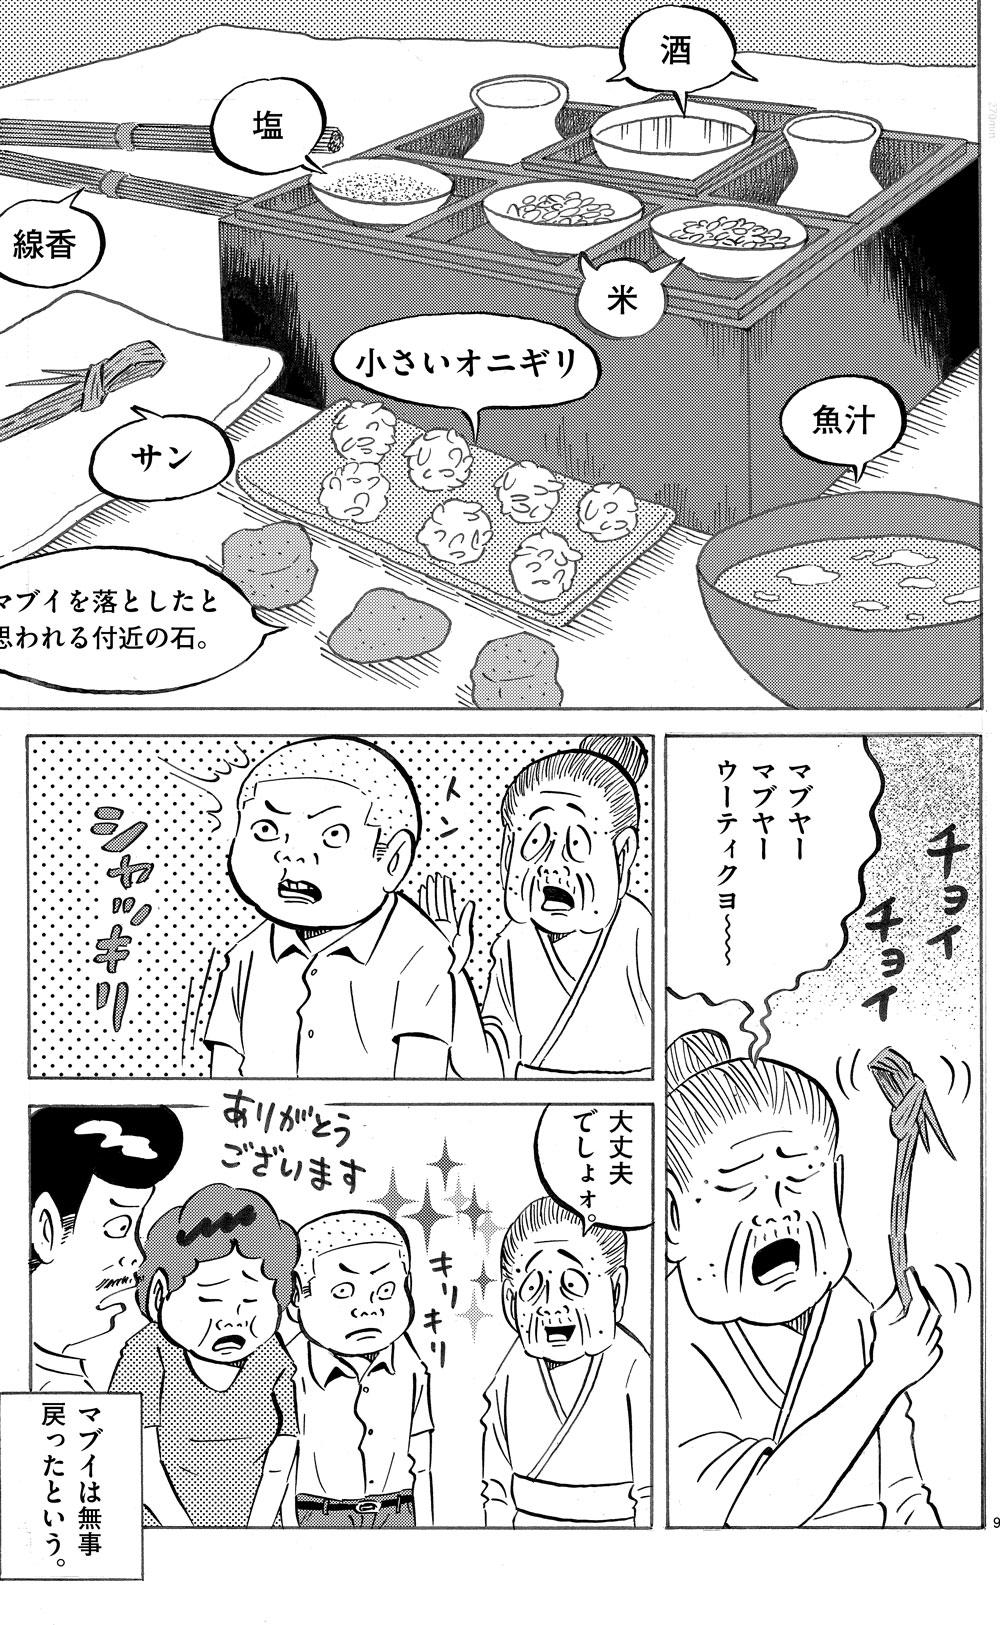 琉球怪談 【第3話】WEB掲載9ページ目画像